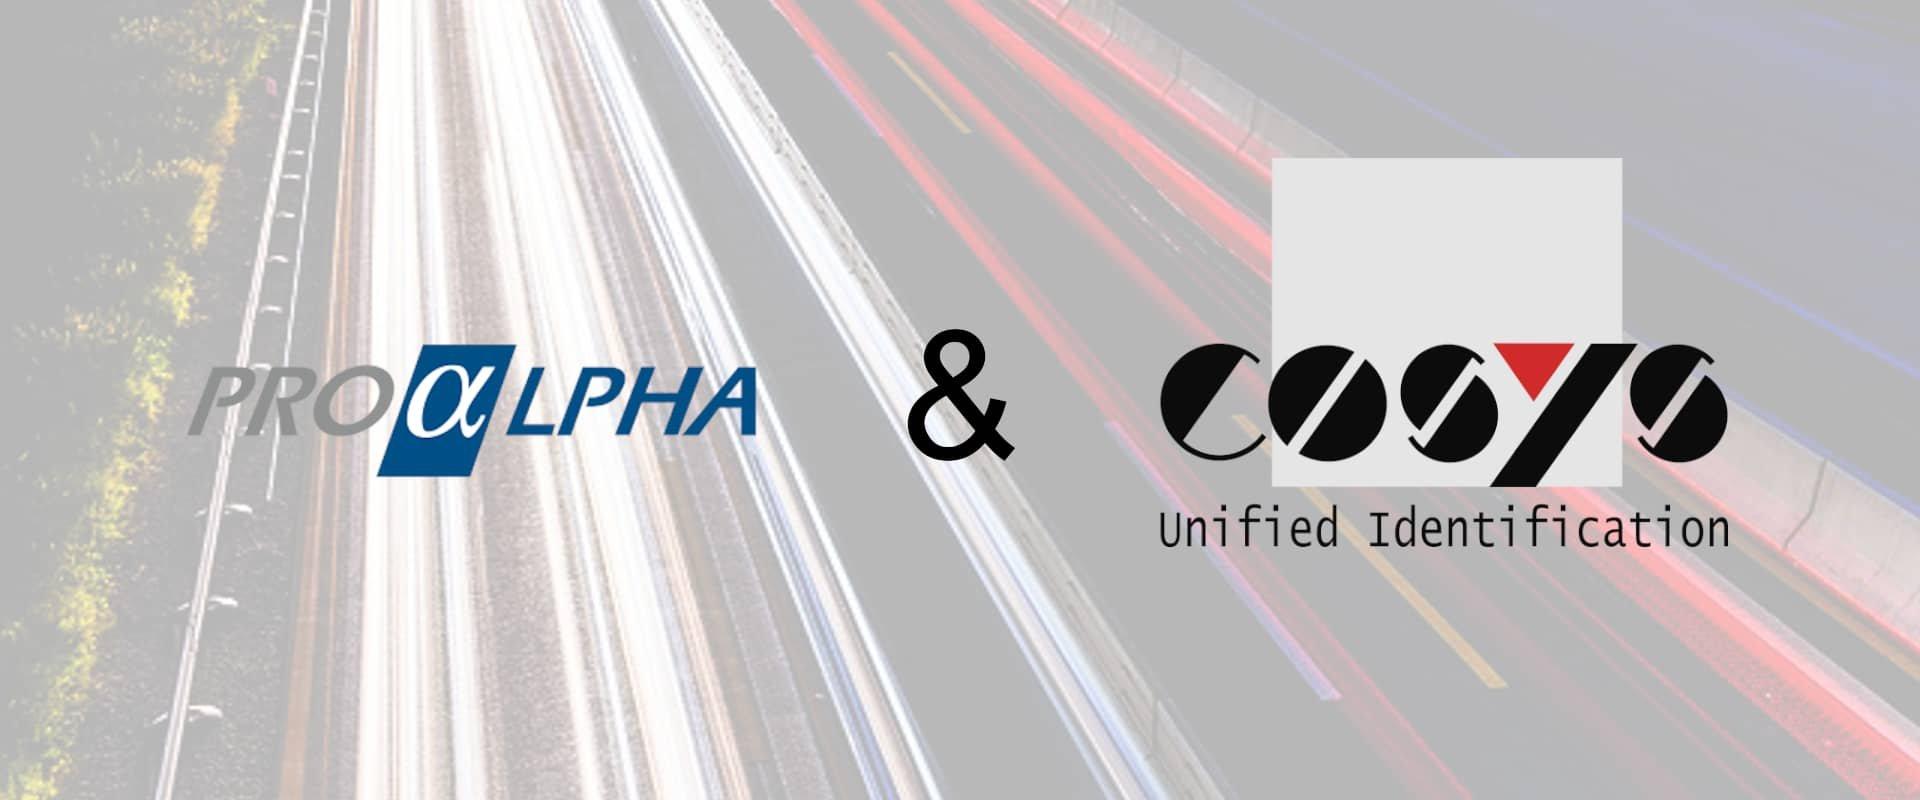 proALPHA zusammen mit COSYS Delivery Software